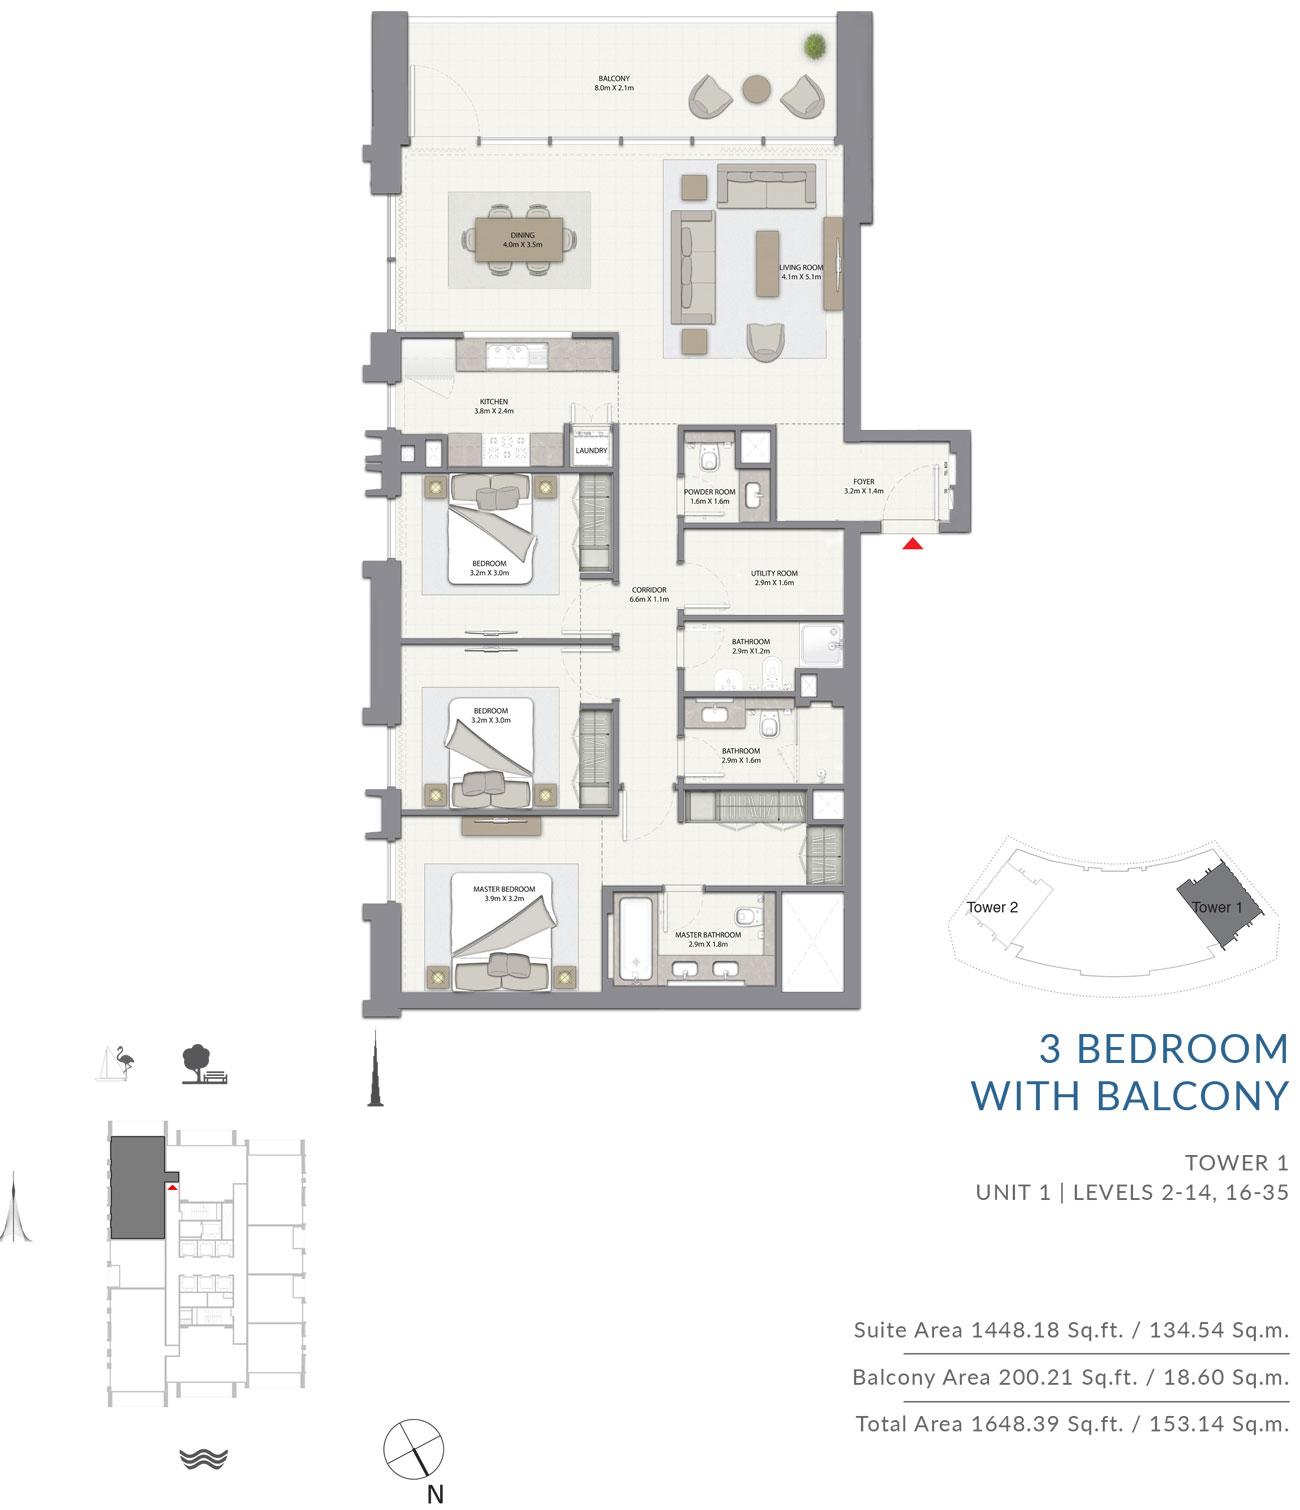 3 Bedroom Tower 1